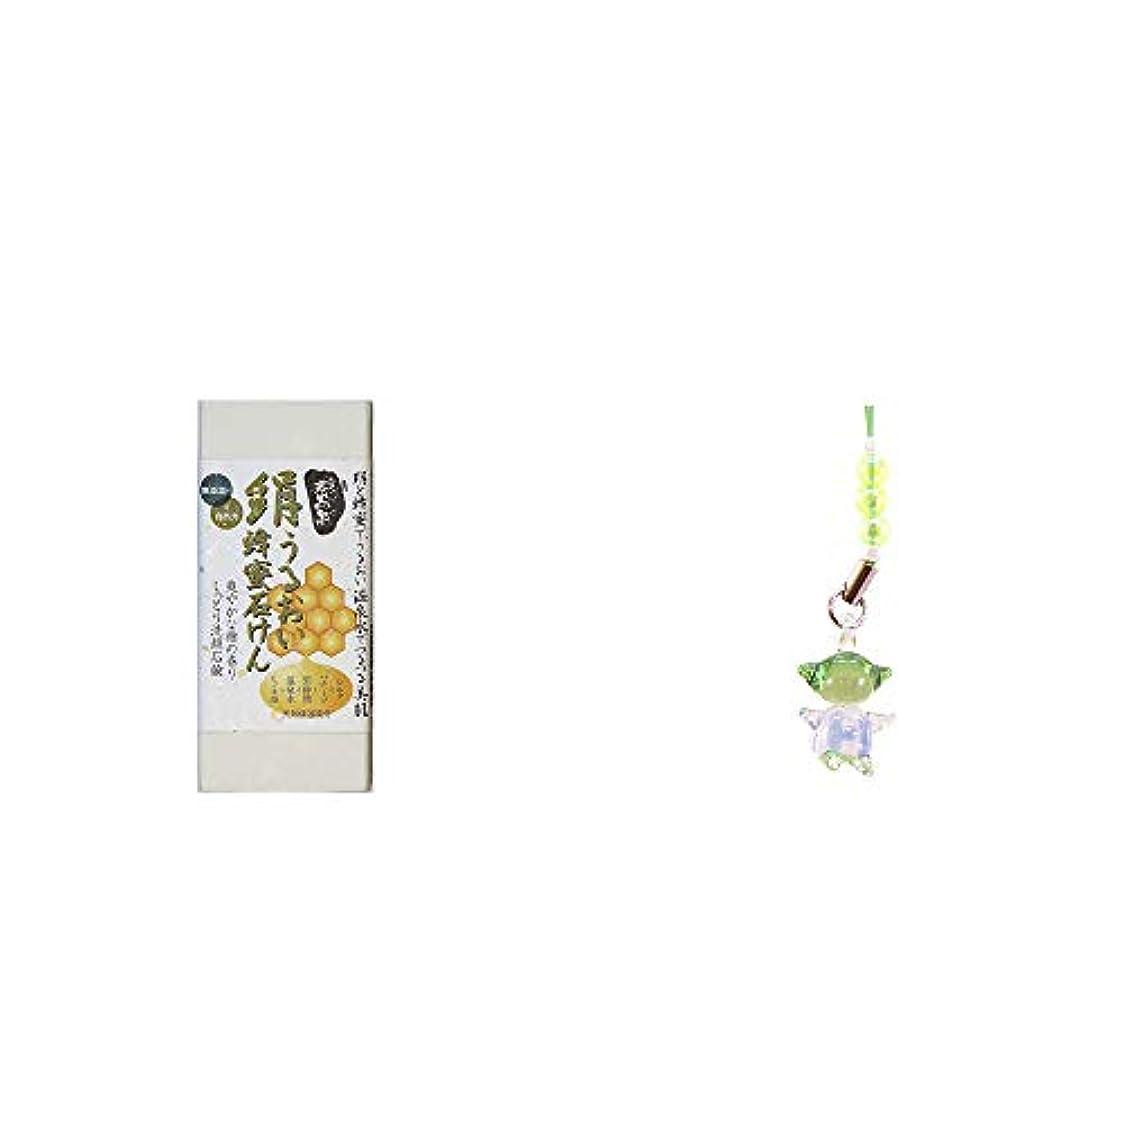 無謀サイズ夜明け[2点セット] ひのき炭黒泉 絹うるおい蜂蜜石けん(75g×2)?ガラスのさるぼぼ 手作りキーホルダー 【緑】 /健康運?平穏?病気を寄付けない?健康祈願//